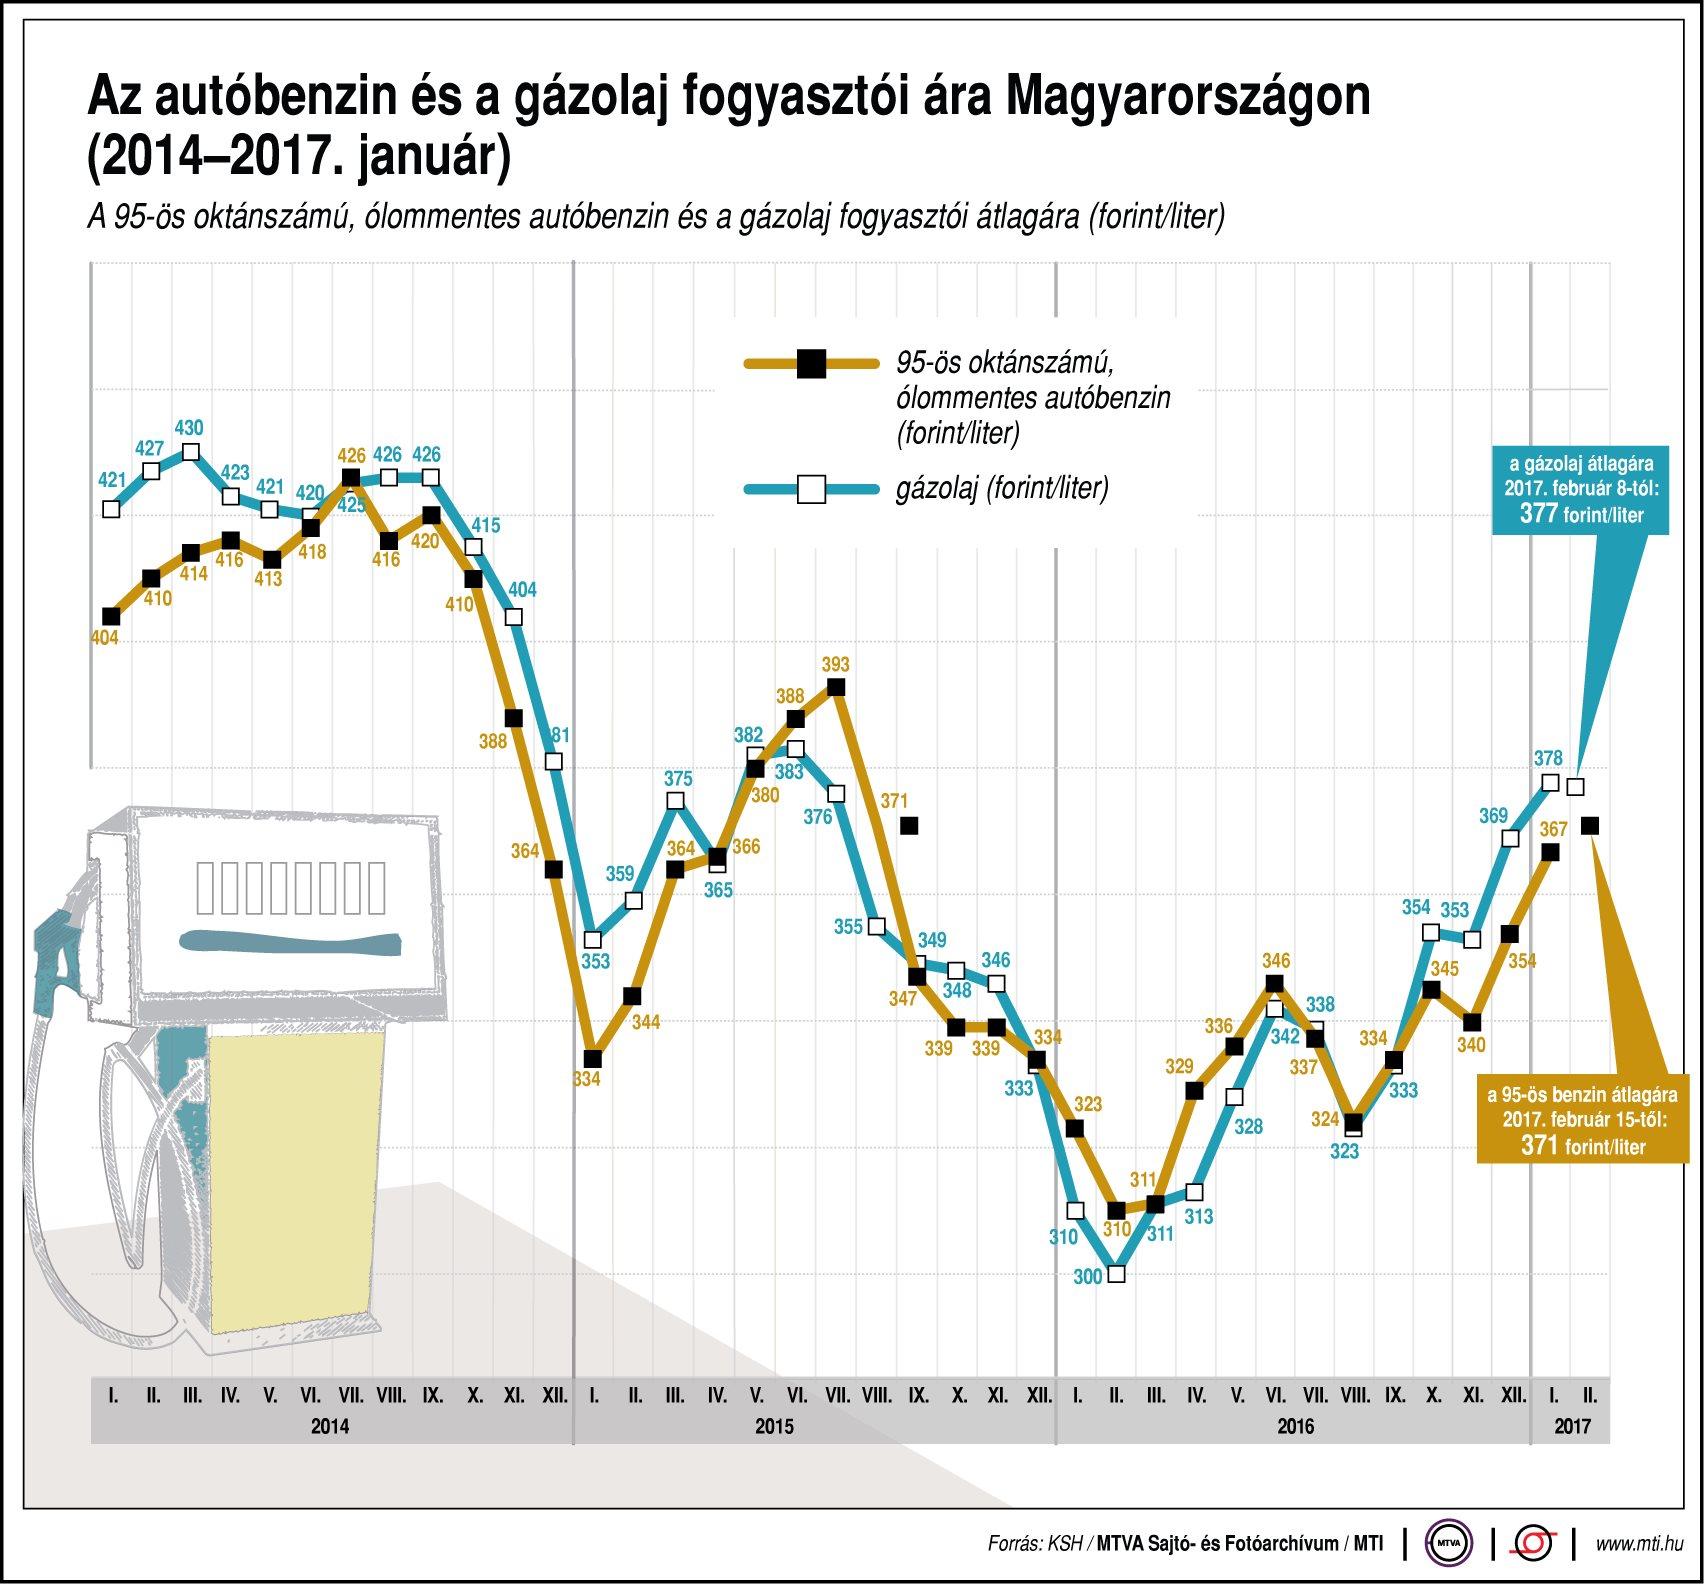 Az autóbenzin és a gázolaj fogyasztói ára Magyarországon - egy ábrán